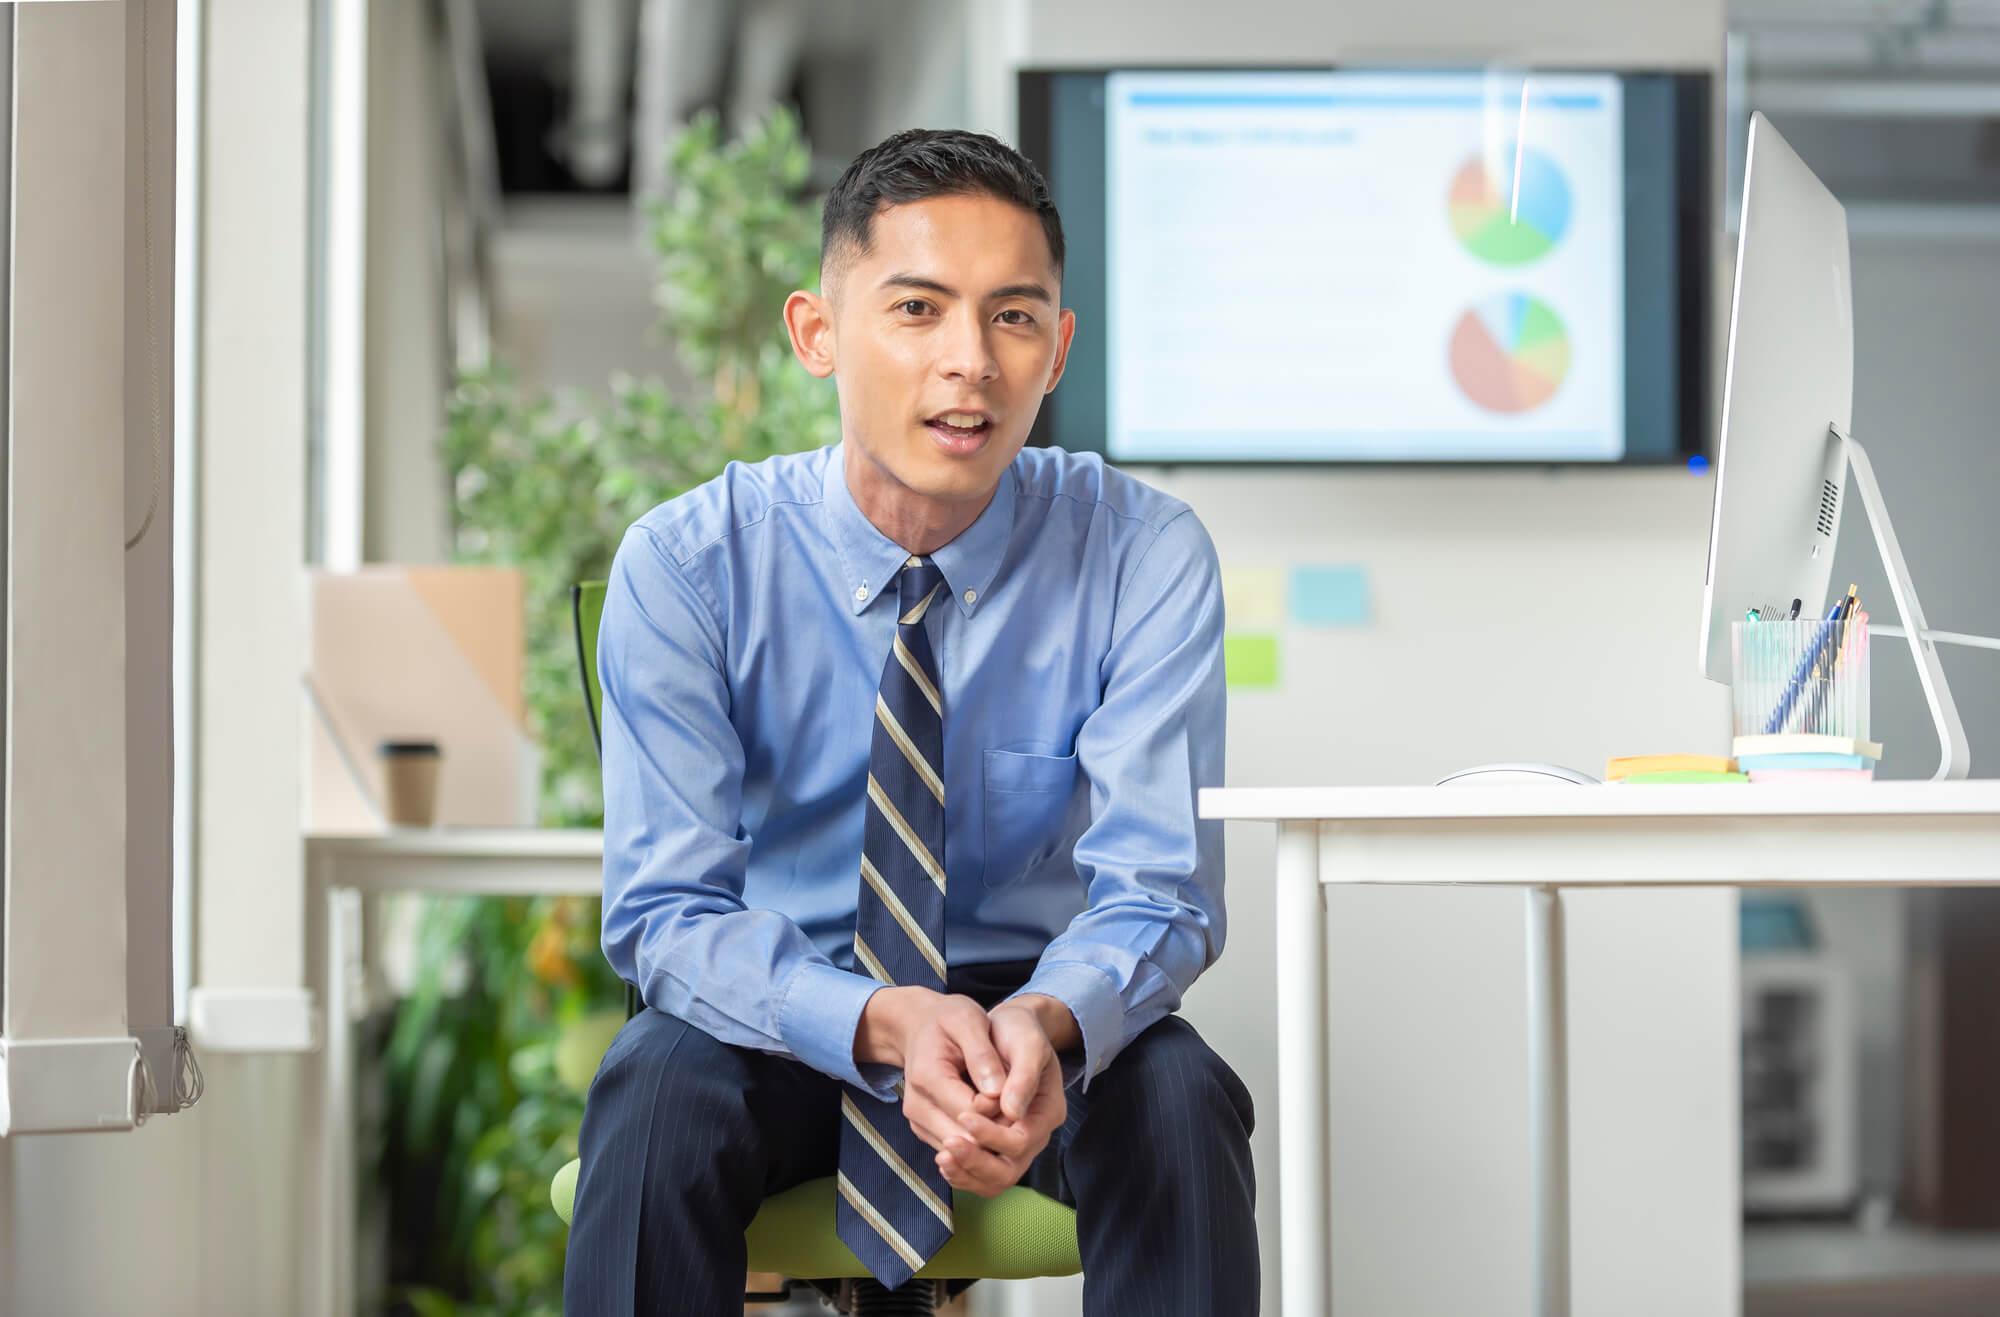 不動産業界での独立起業に失敗するケースと成功する経営者の条件